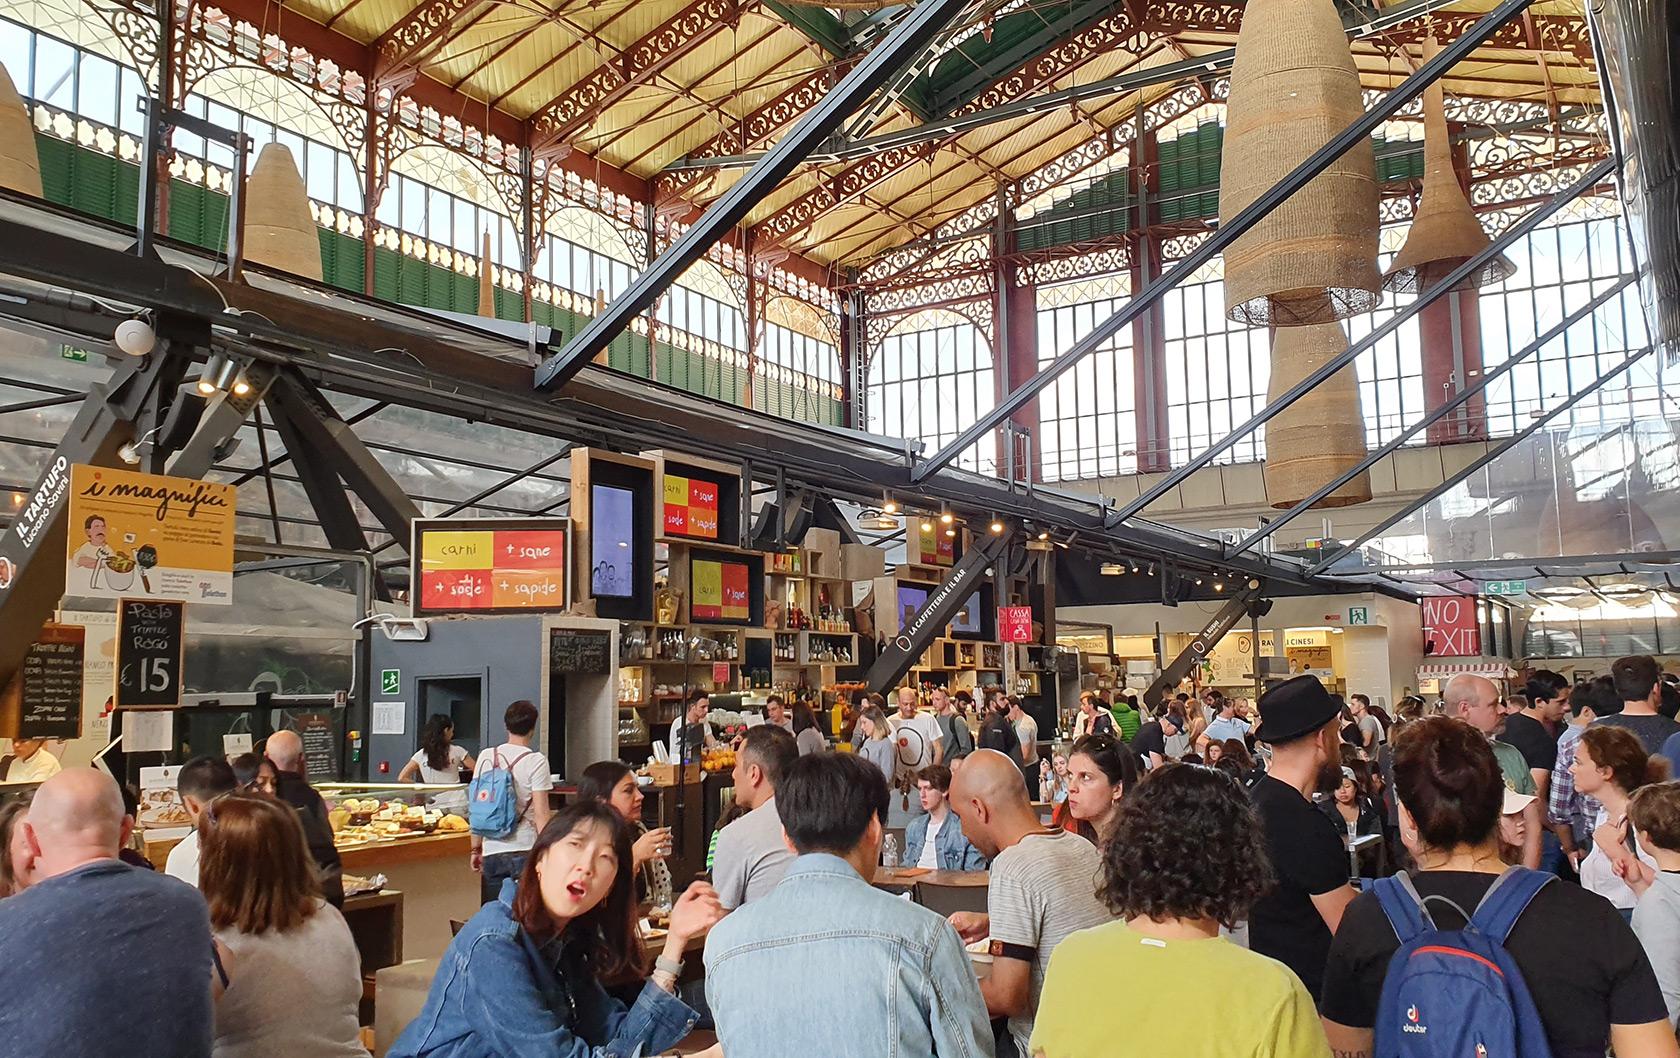 Florence Mercato Centrale: A Tour of Tastes